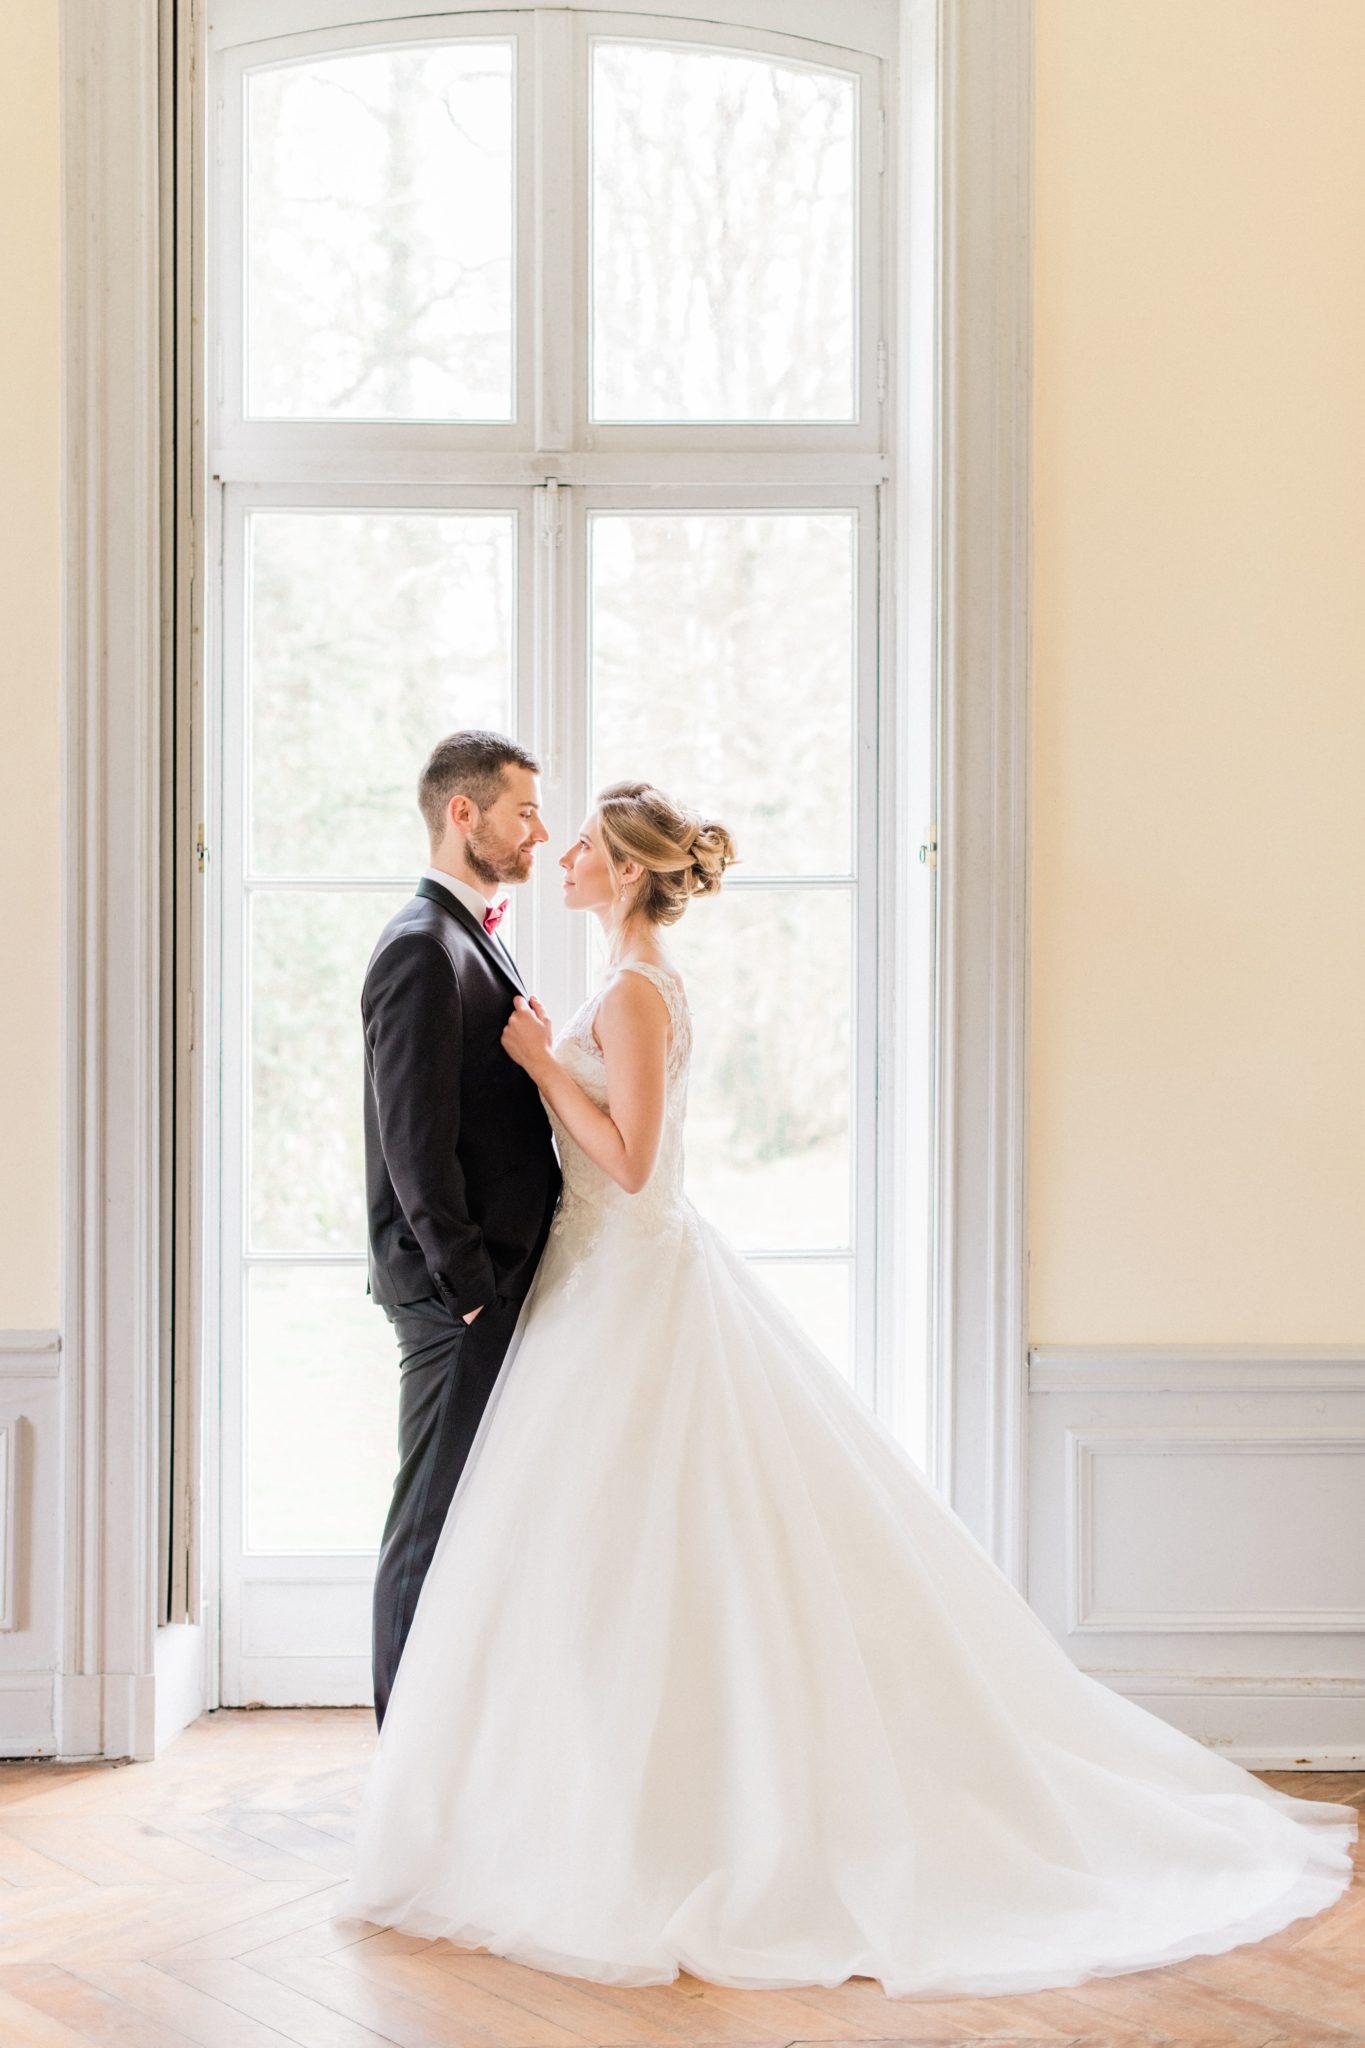 mariage montaergis Loiret